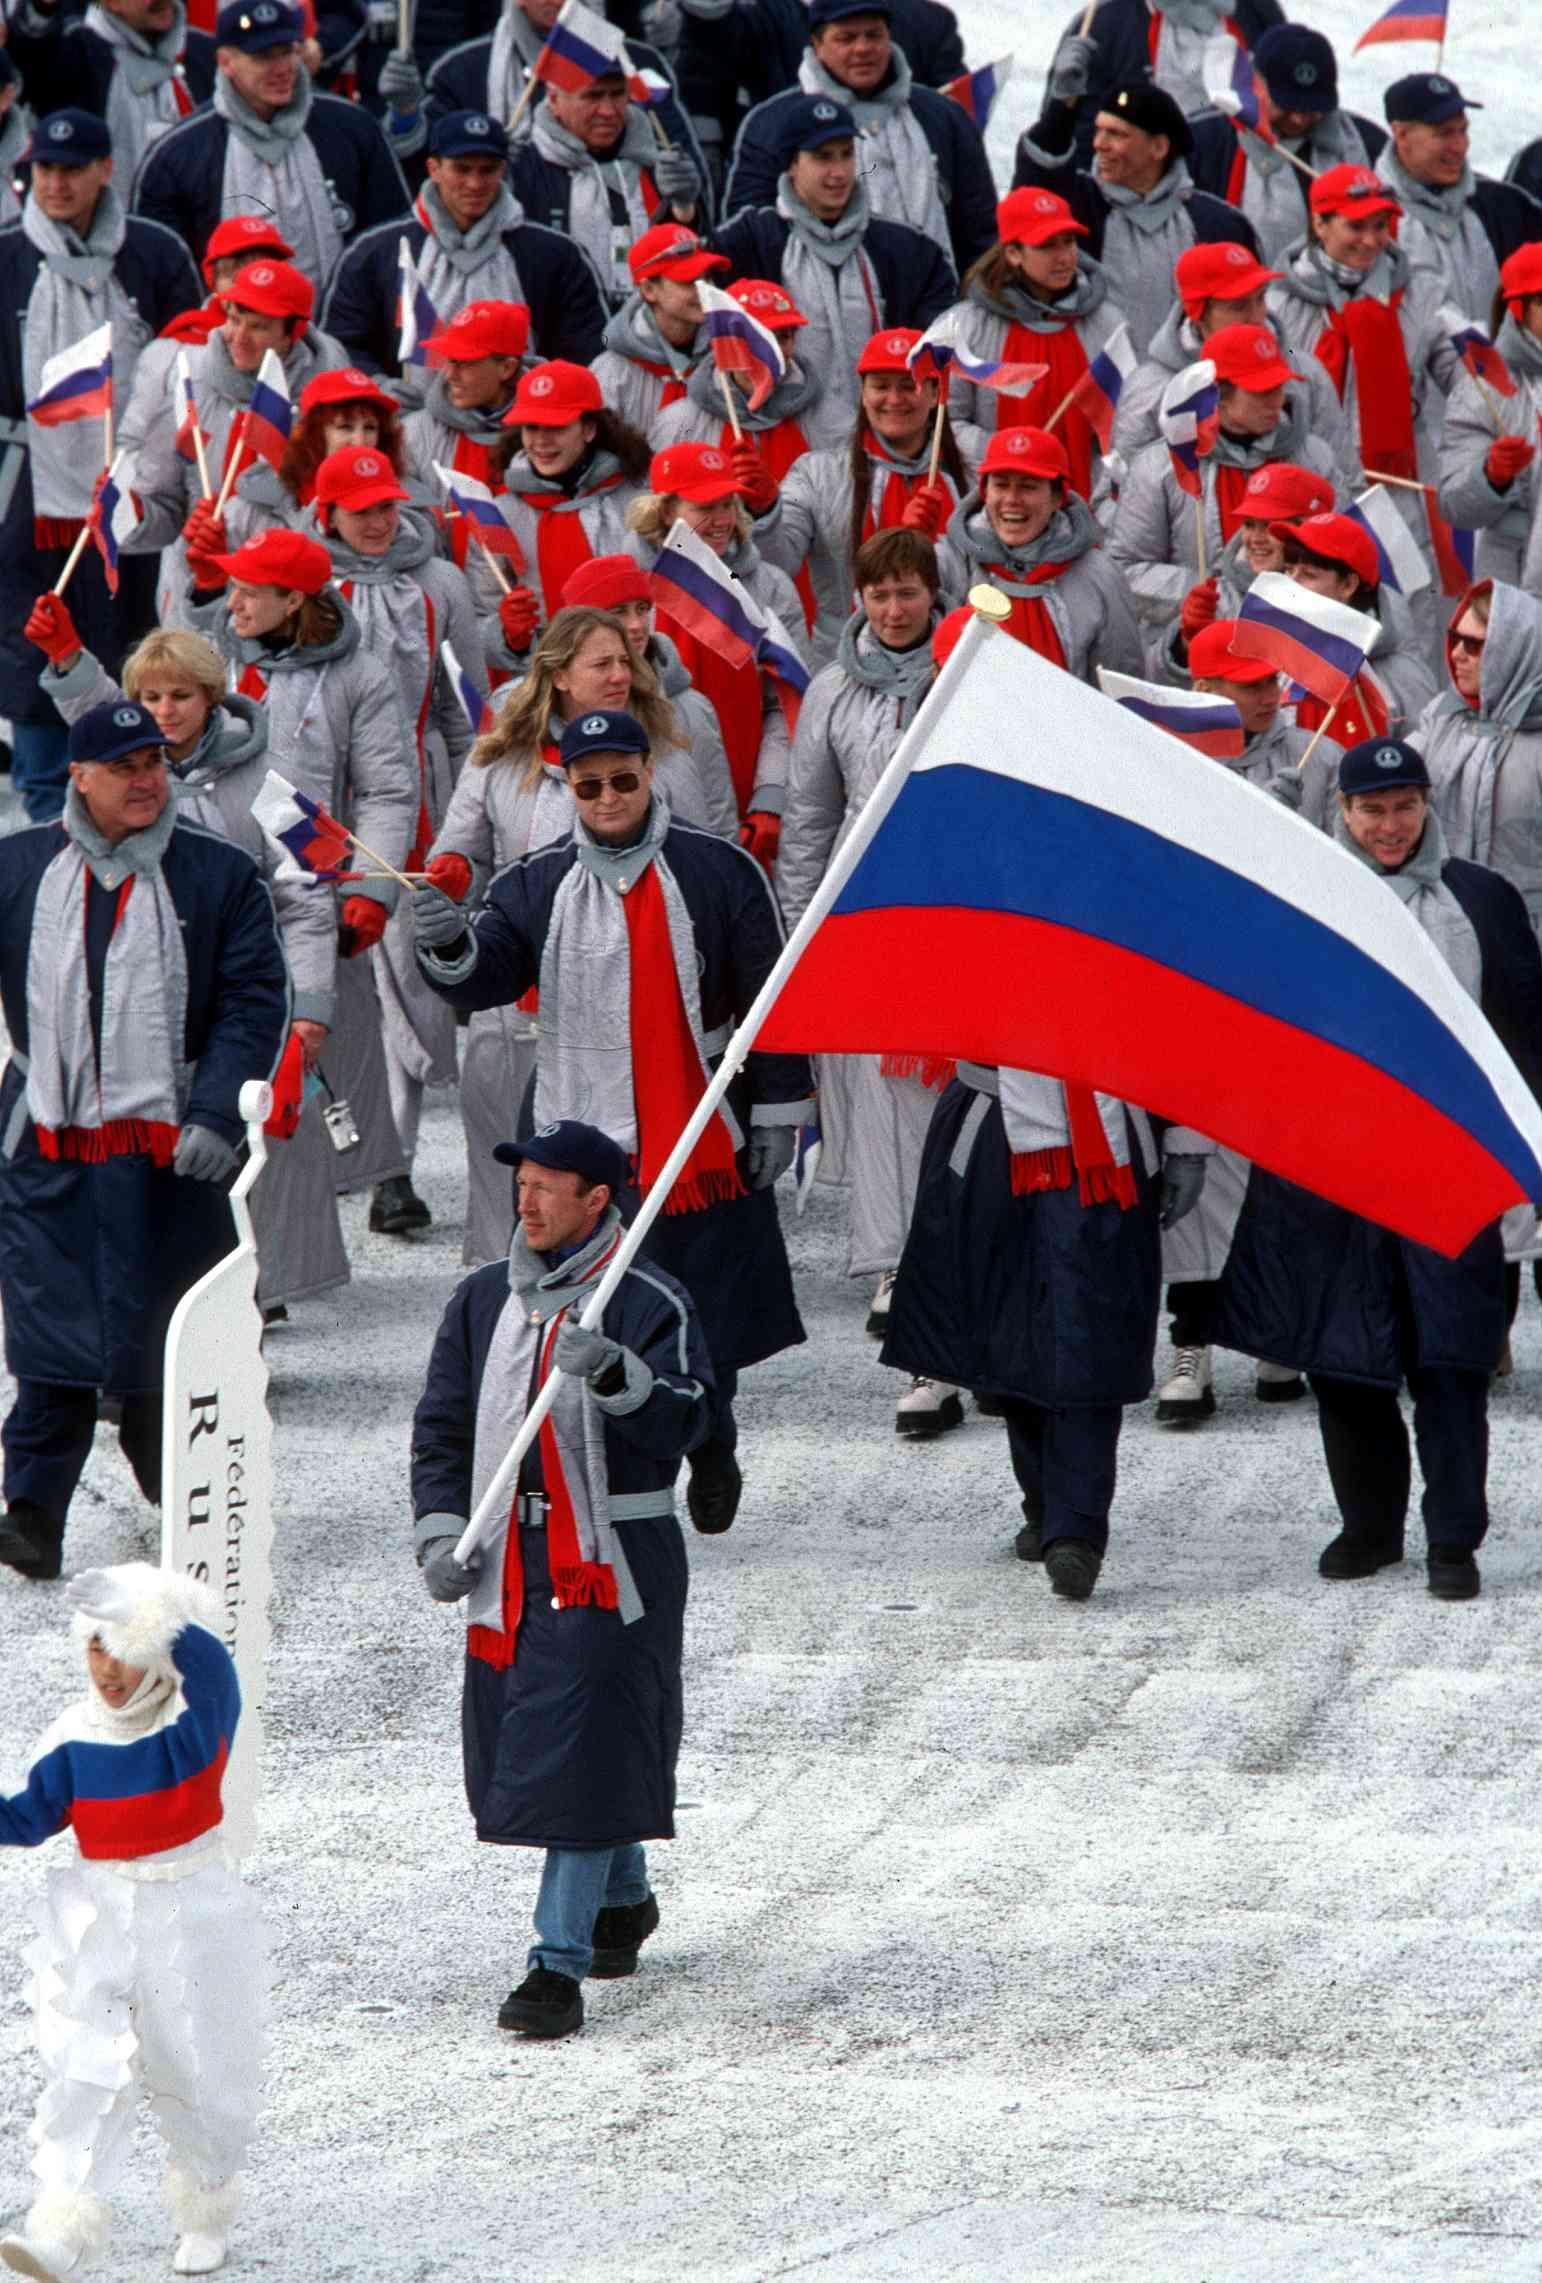 Знамено��� Ро��ии к�о до З�бкова Олимпиада Со�и2014